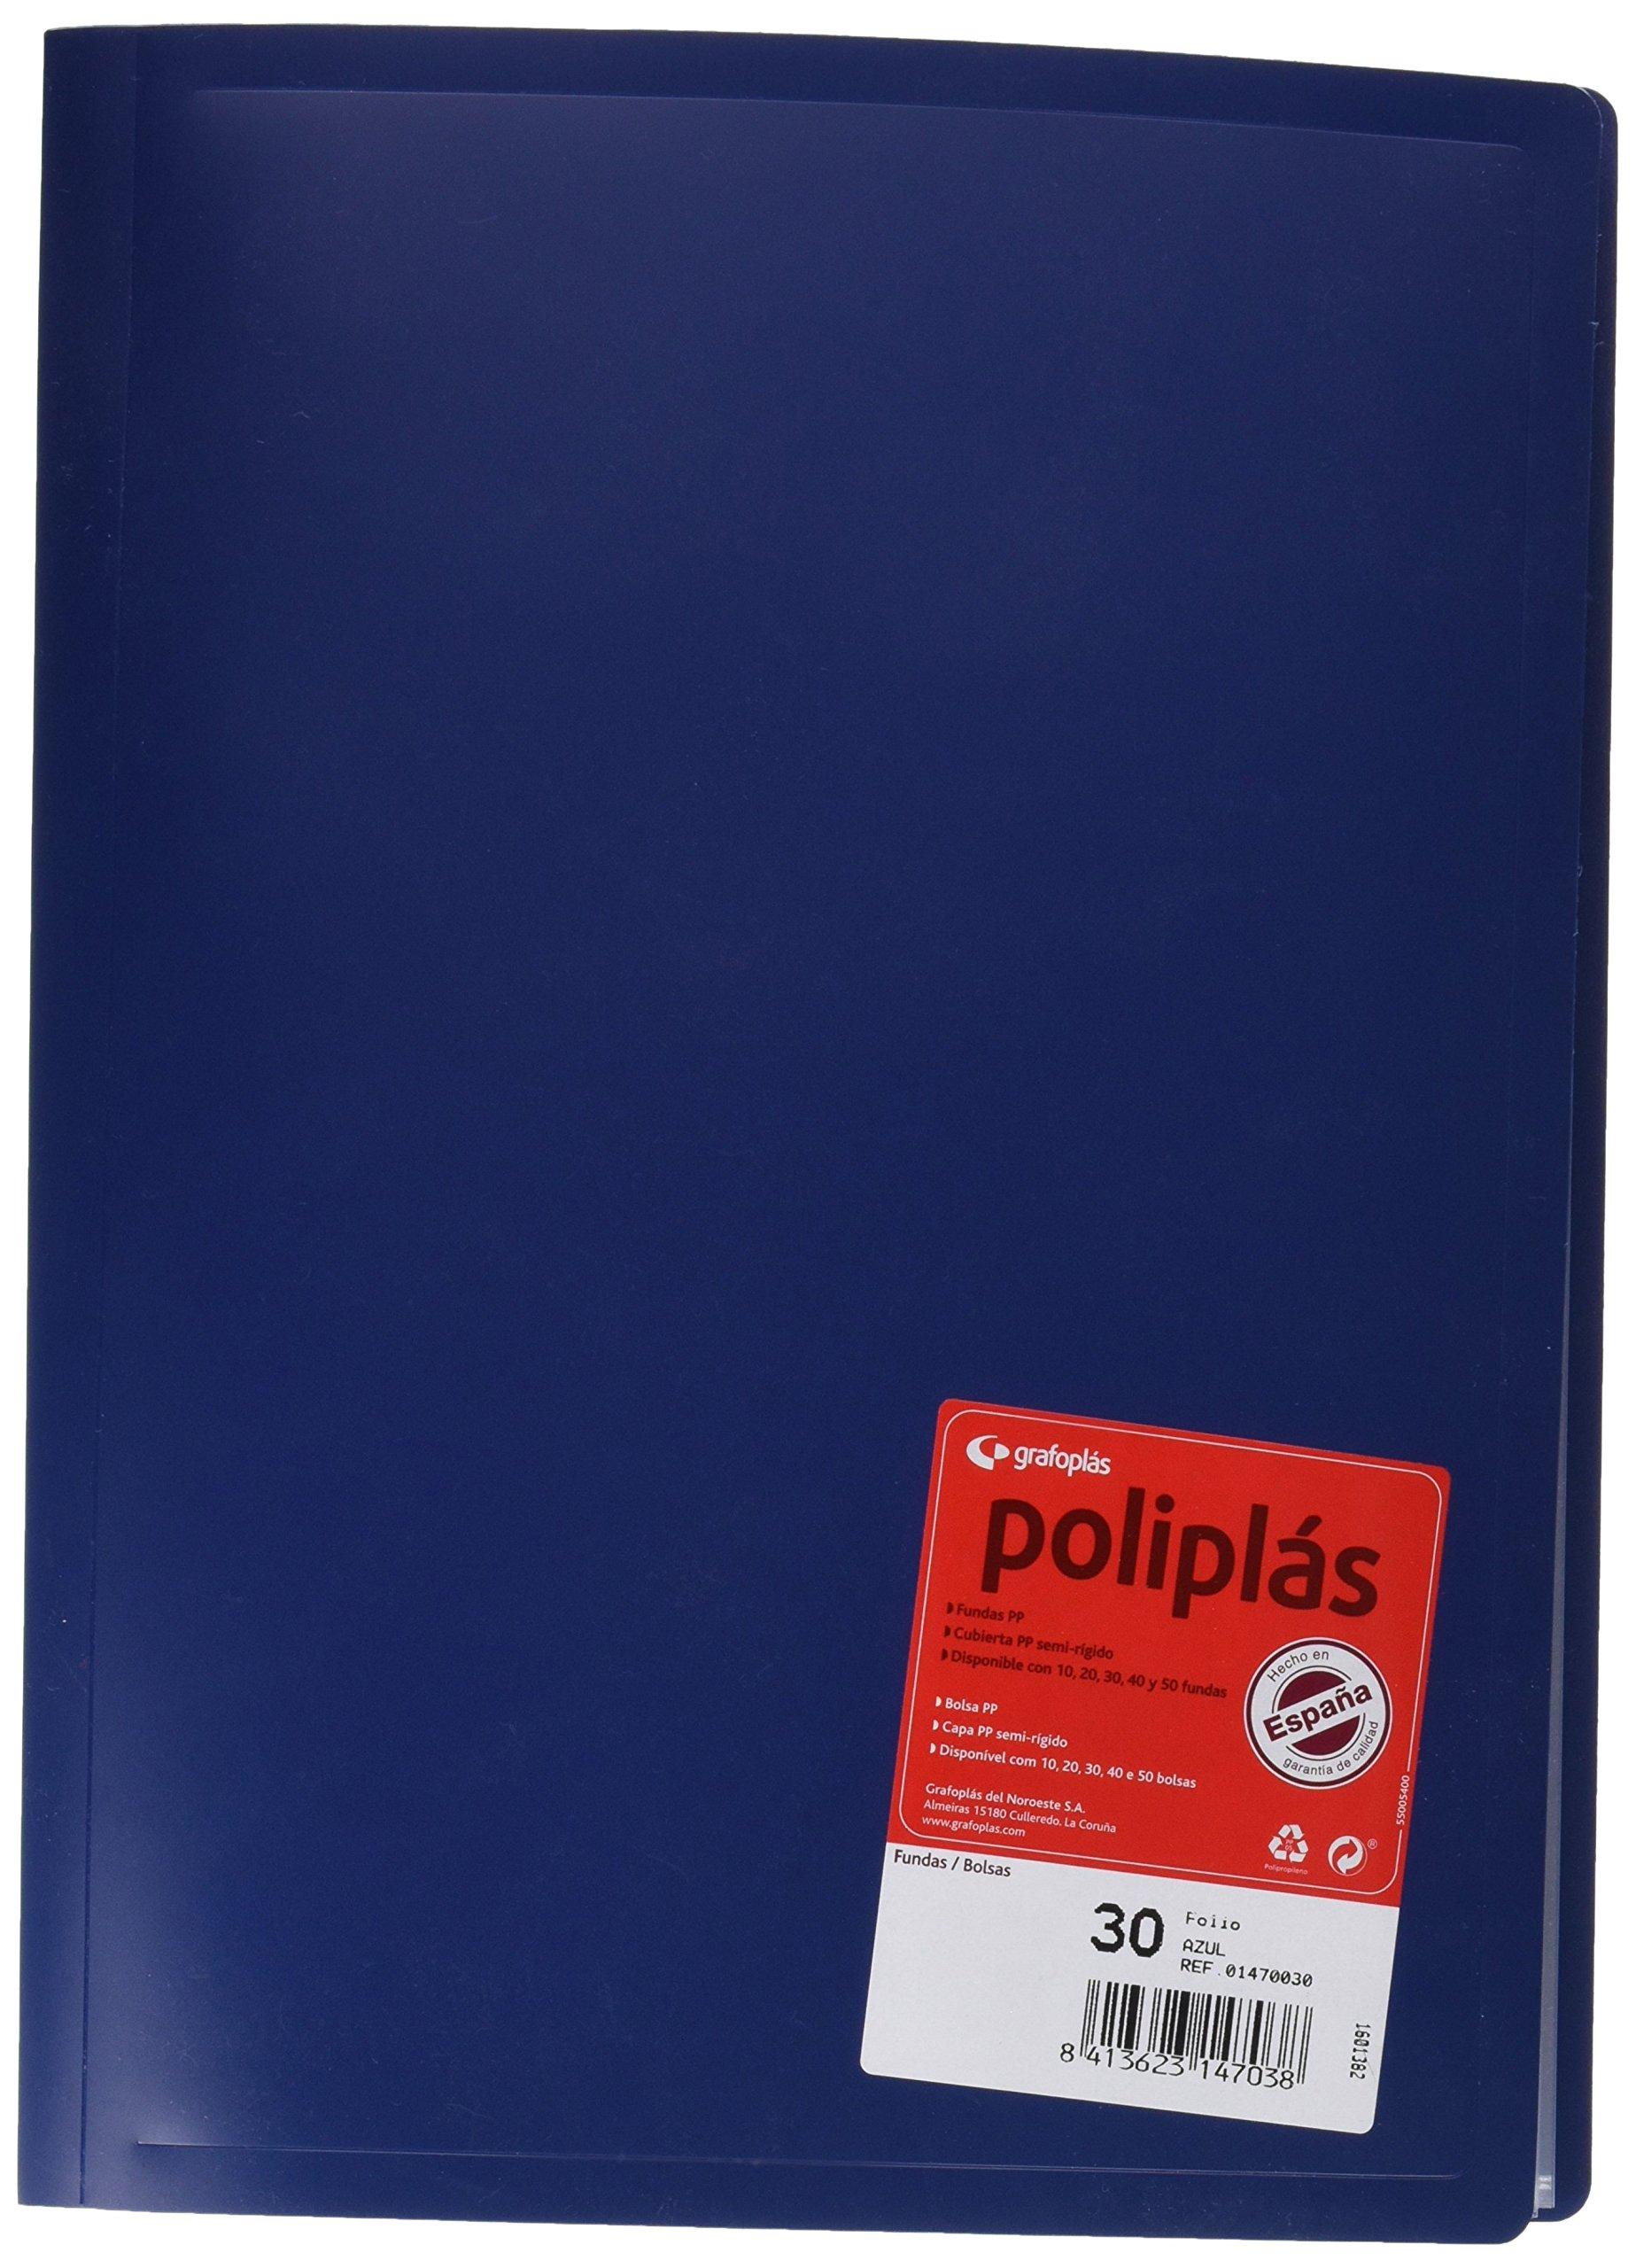 Grafoplas 1155800 - Carpeta de 30 fundas, color azul: Amazon.es: Oficina y papelería